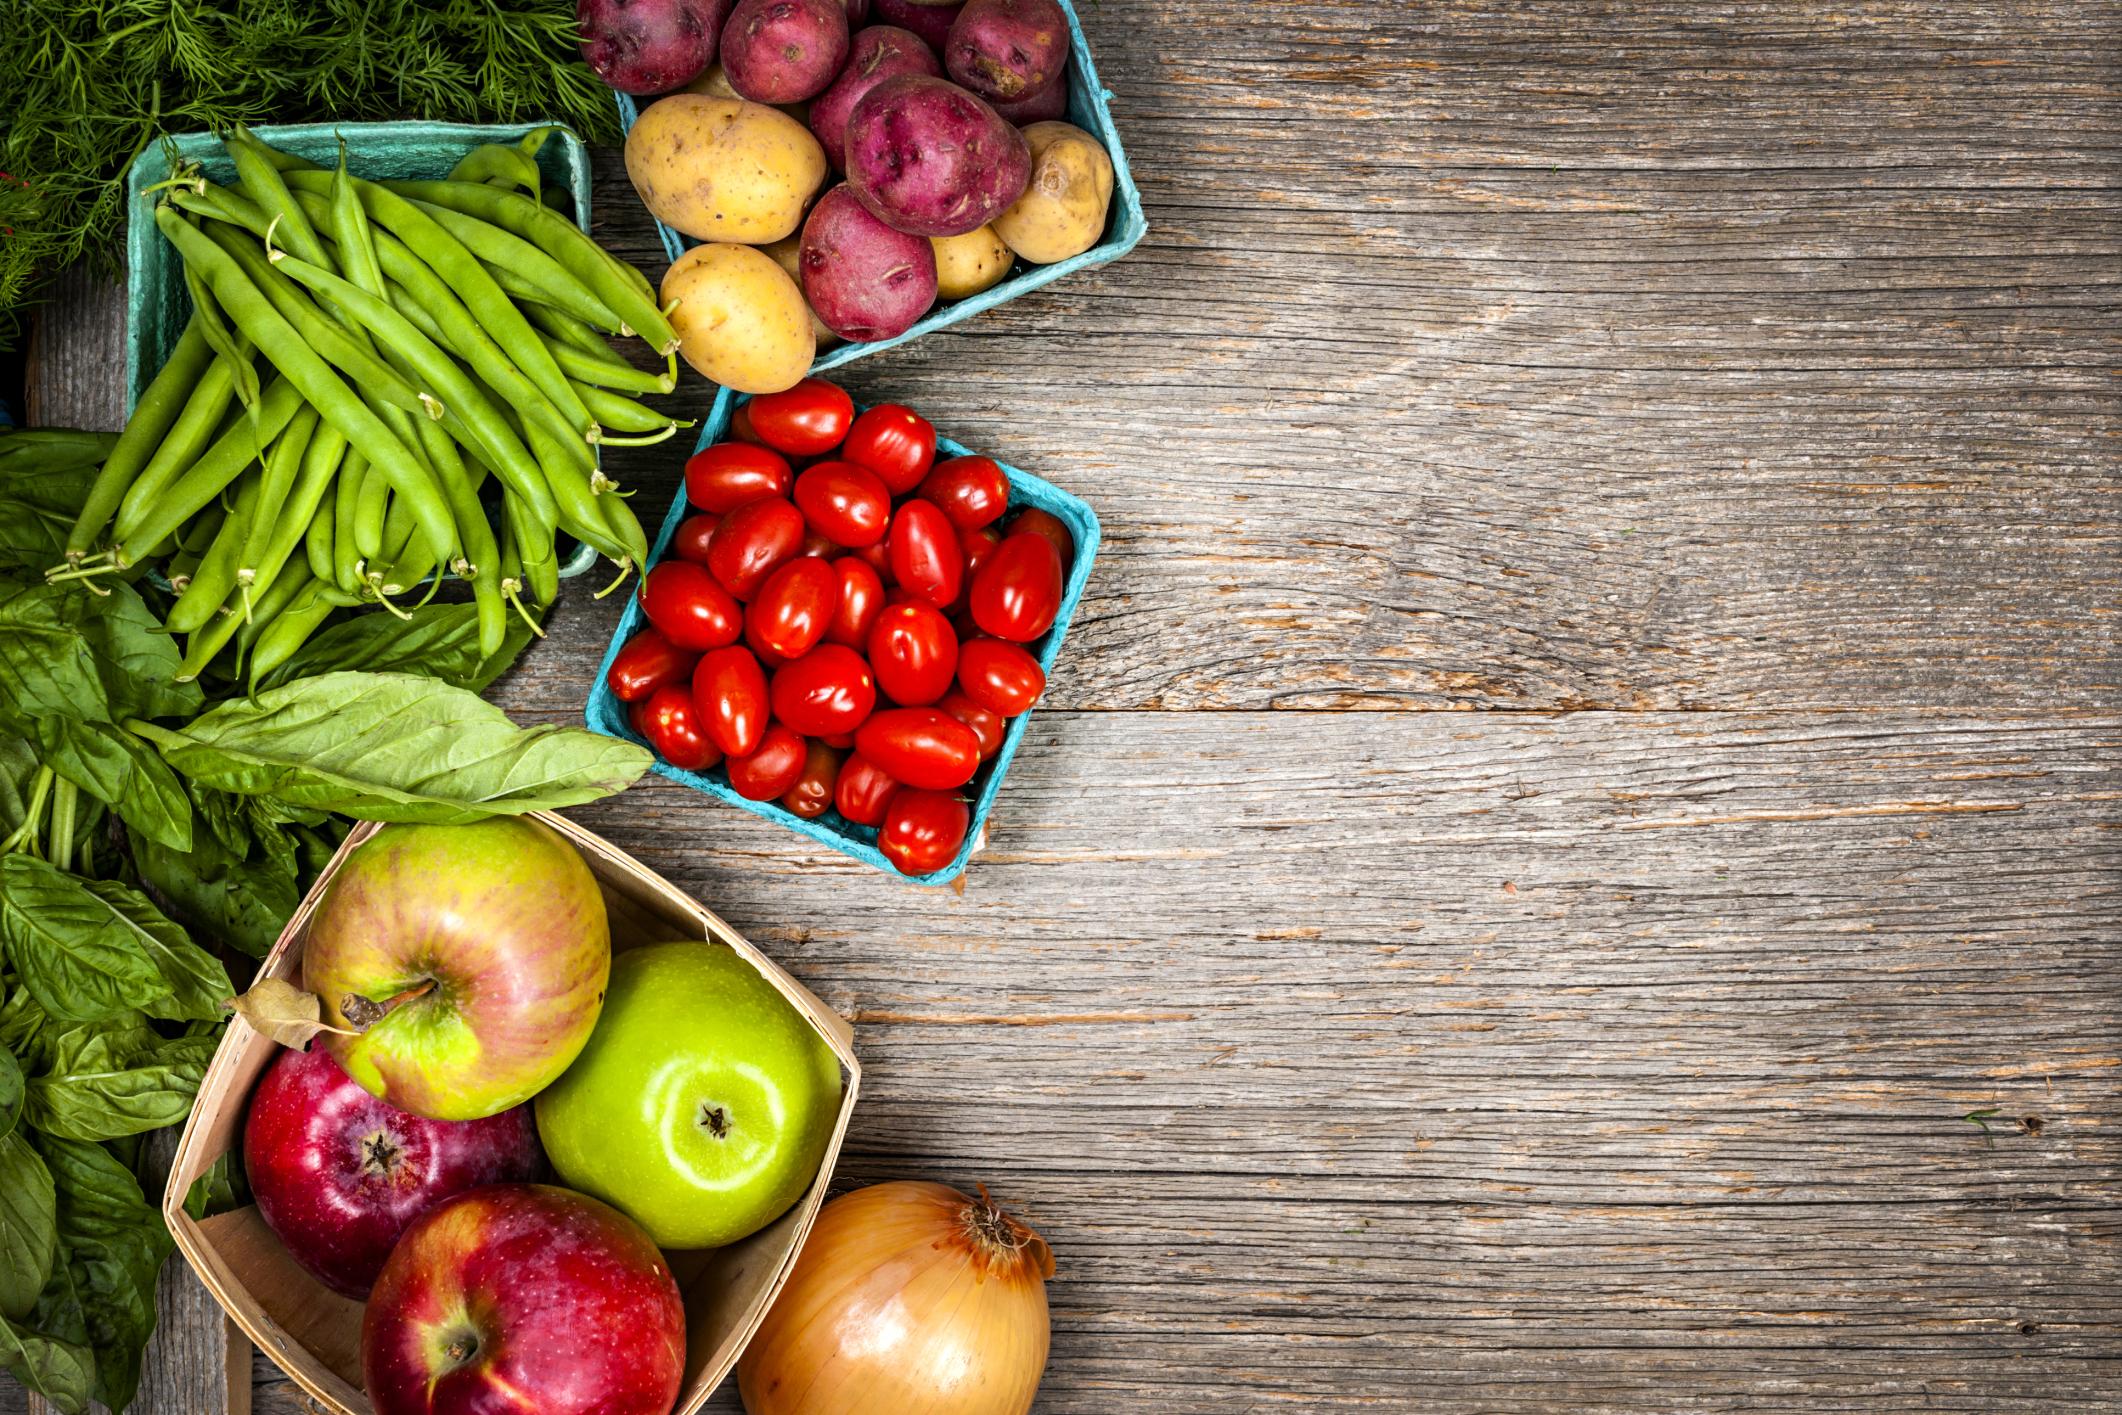 Хранете се с повече зеленчуци. Те са богати на витамини, които са важни за тялото. Когато имате възможност ги яжте сурови. Сезонът на зелето е сега, може да си правите всяка вечер хубава голяма салата от прясно зеле, моркови. С подходящ дресинг ще имате прекрасна гарнитура към вечерята.